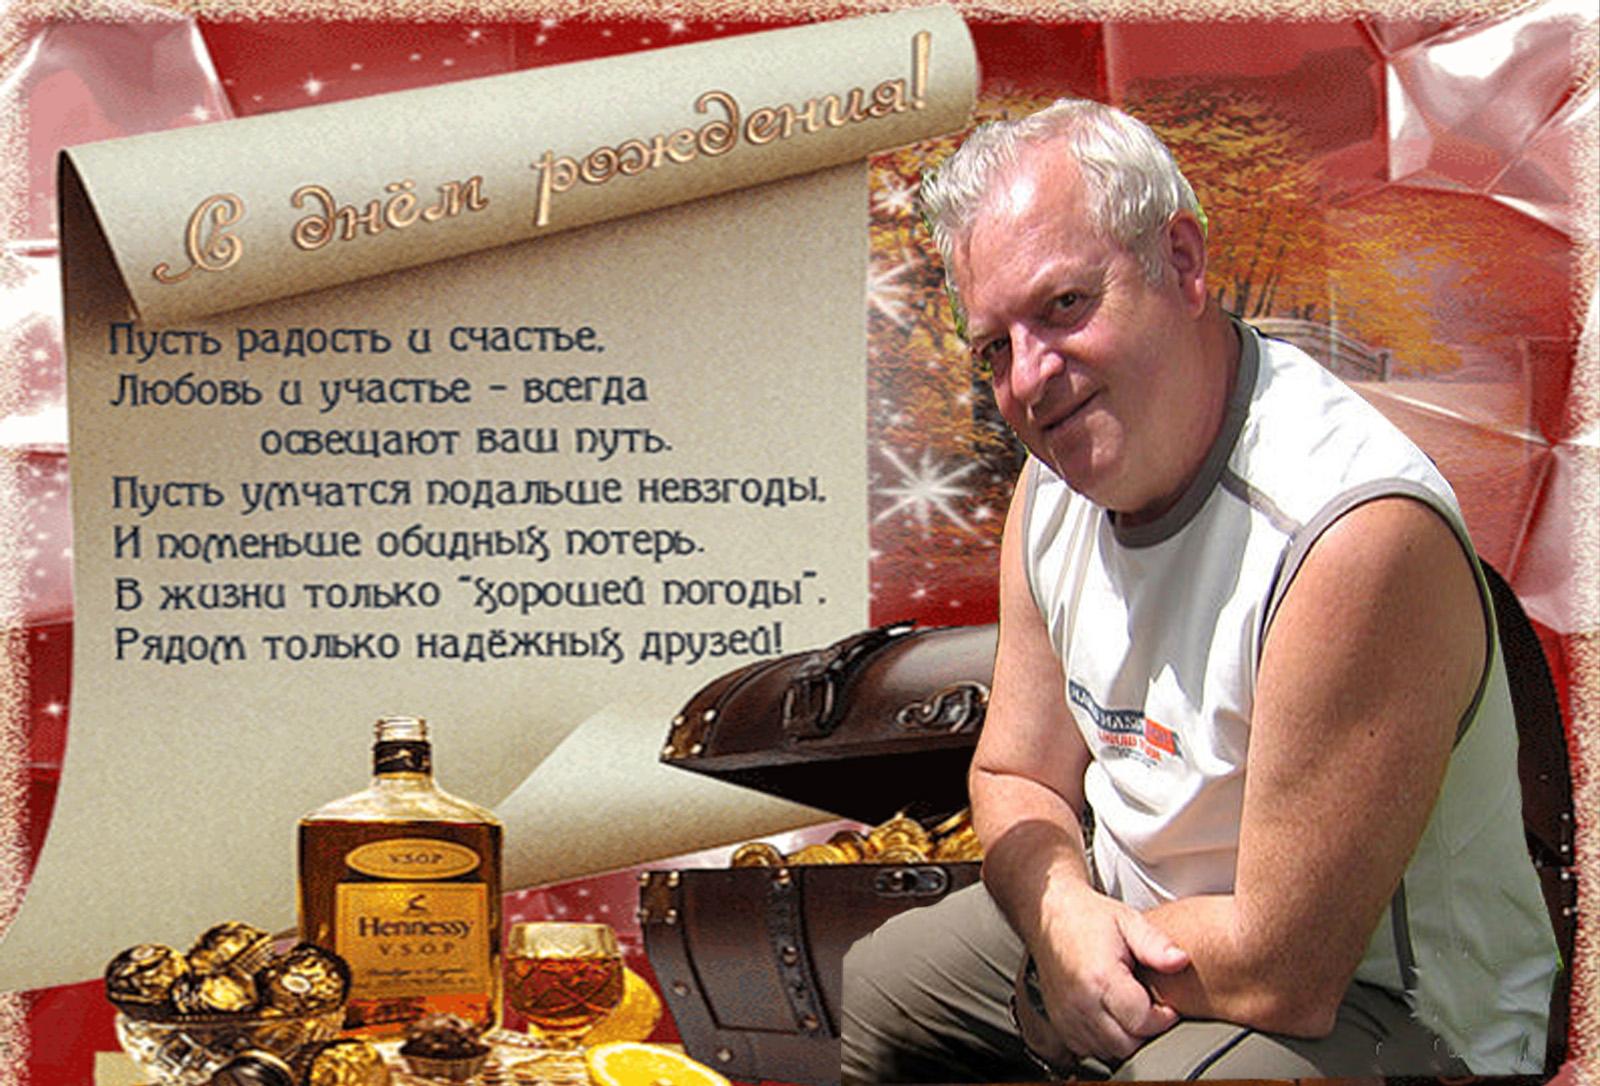 С 61-ой годовщиной поздравления шлем Голубец А.А. 18 ФЕВРАЛЯ 2013г. по адресу г.Кривой Рог , УКРАИНА